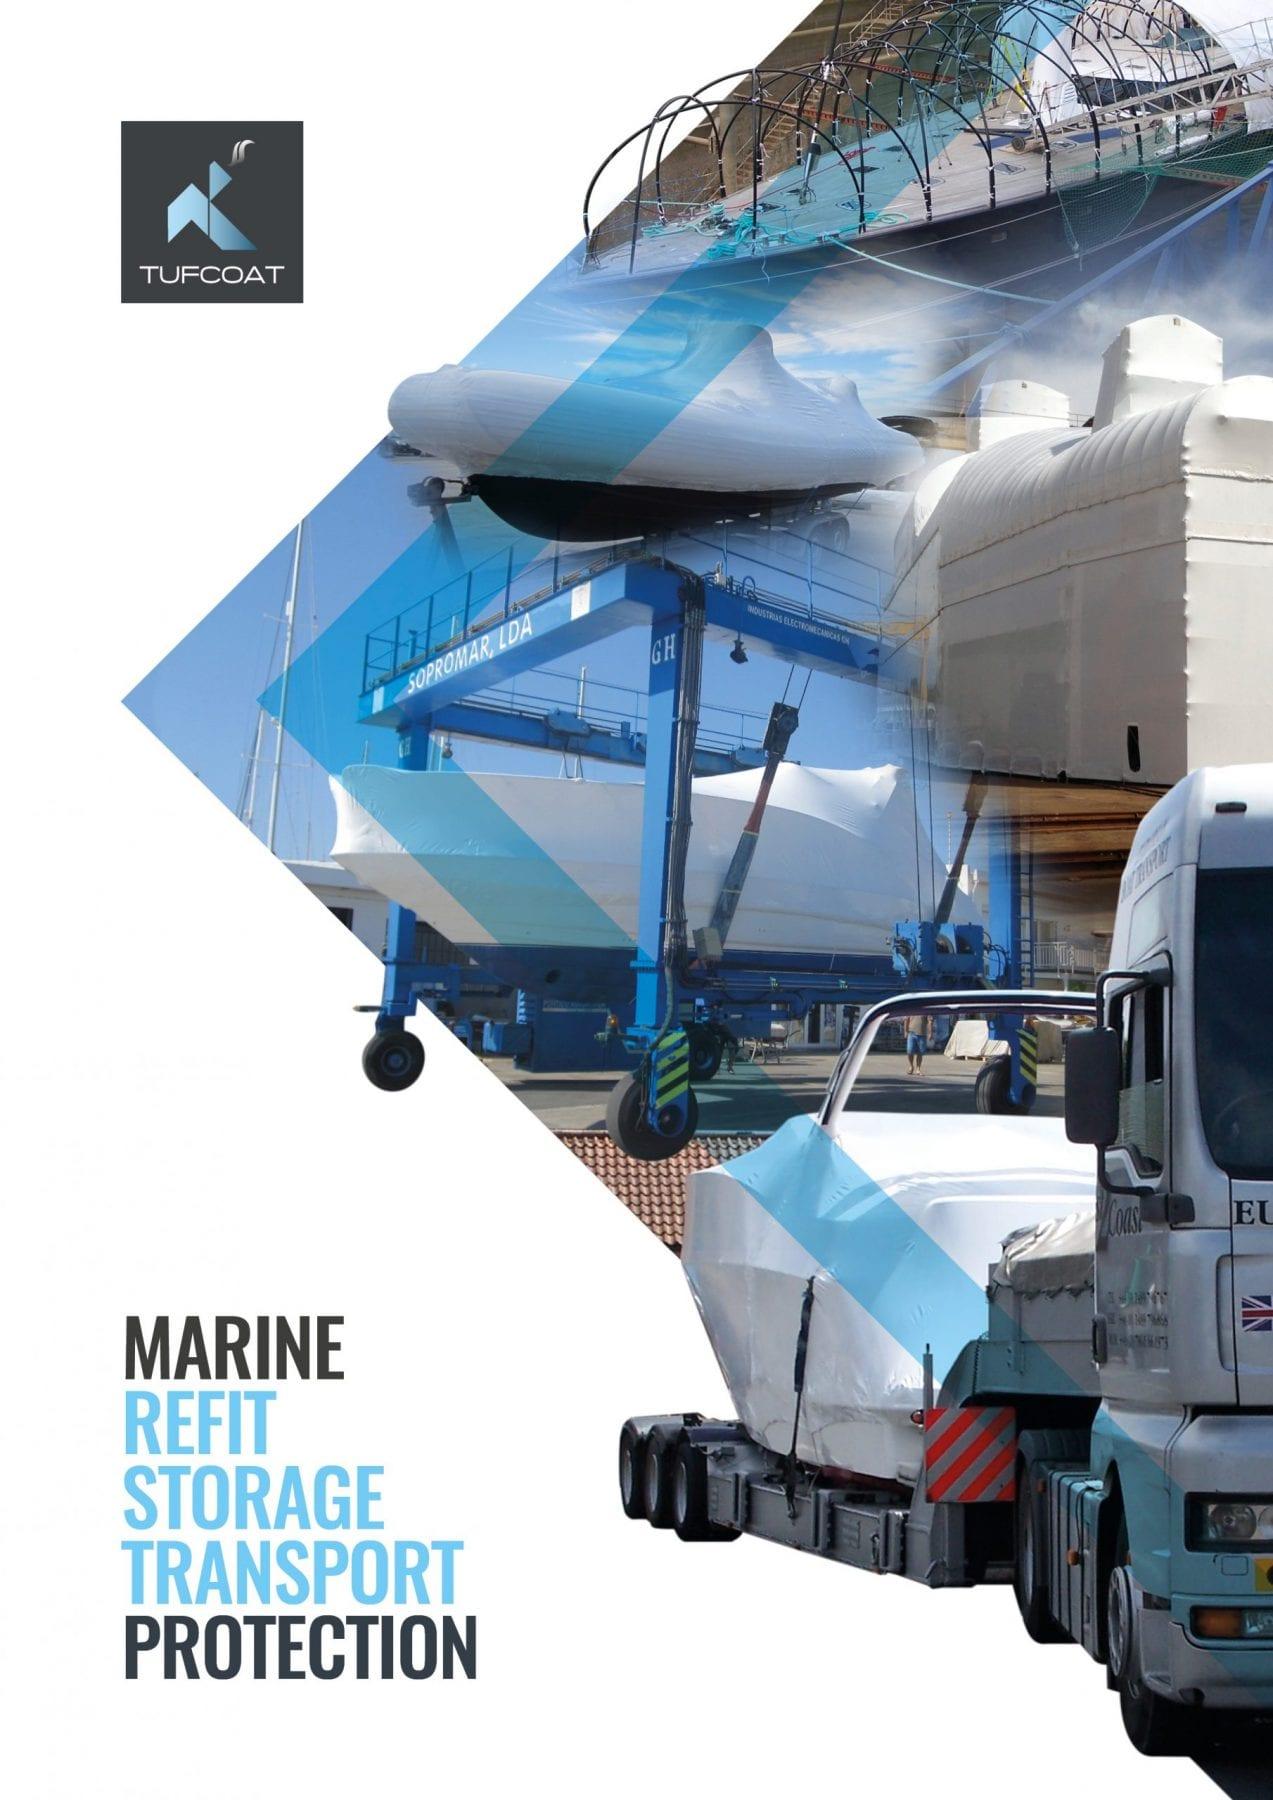 Tufcoat marine shrink-wrap